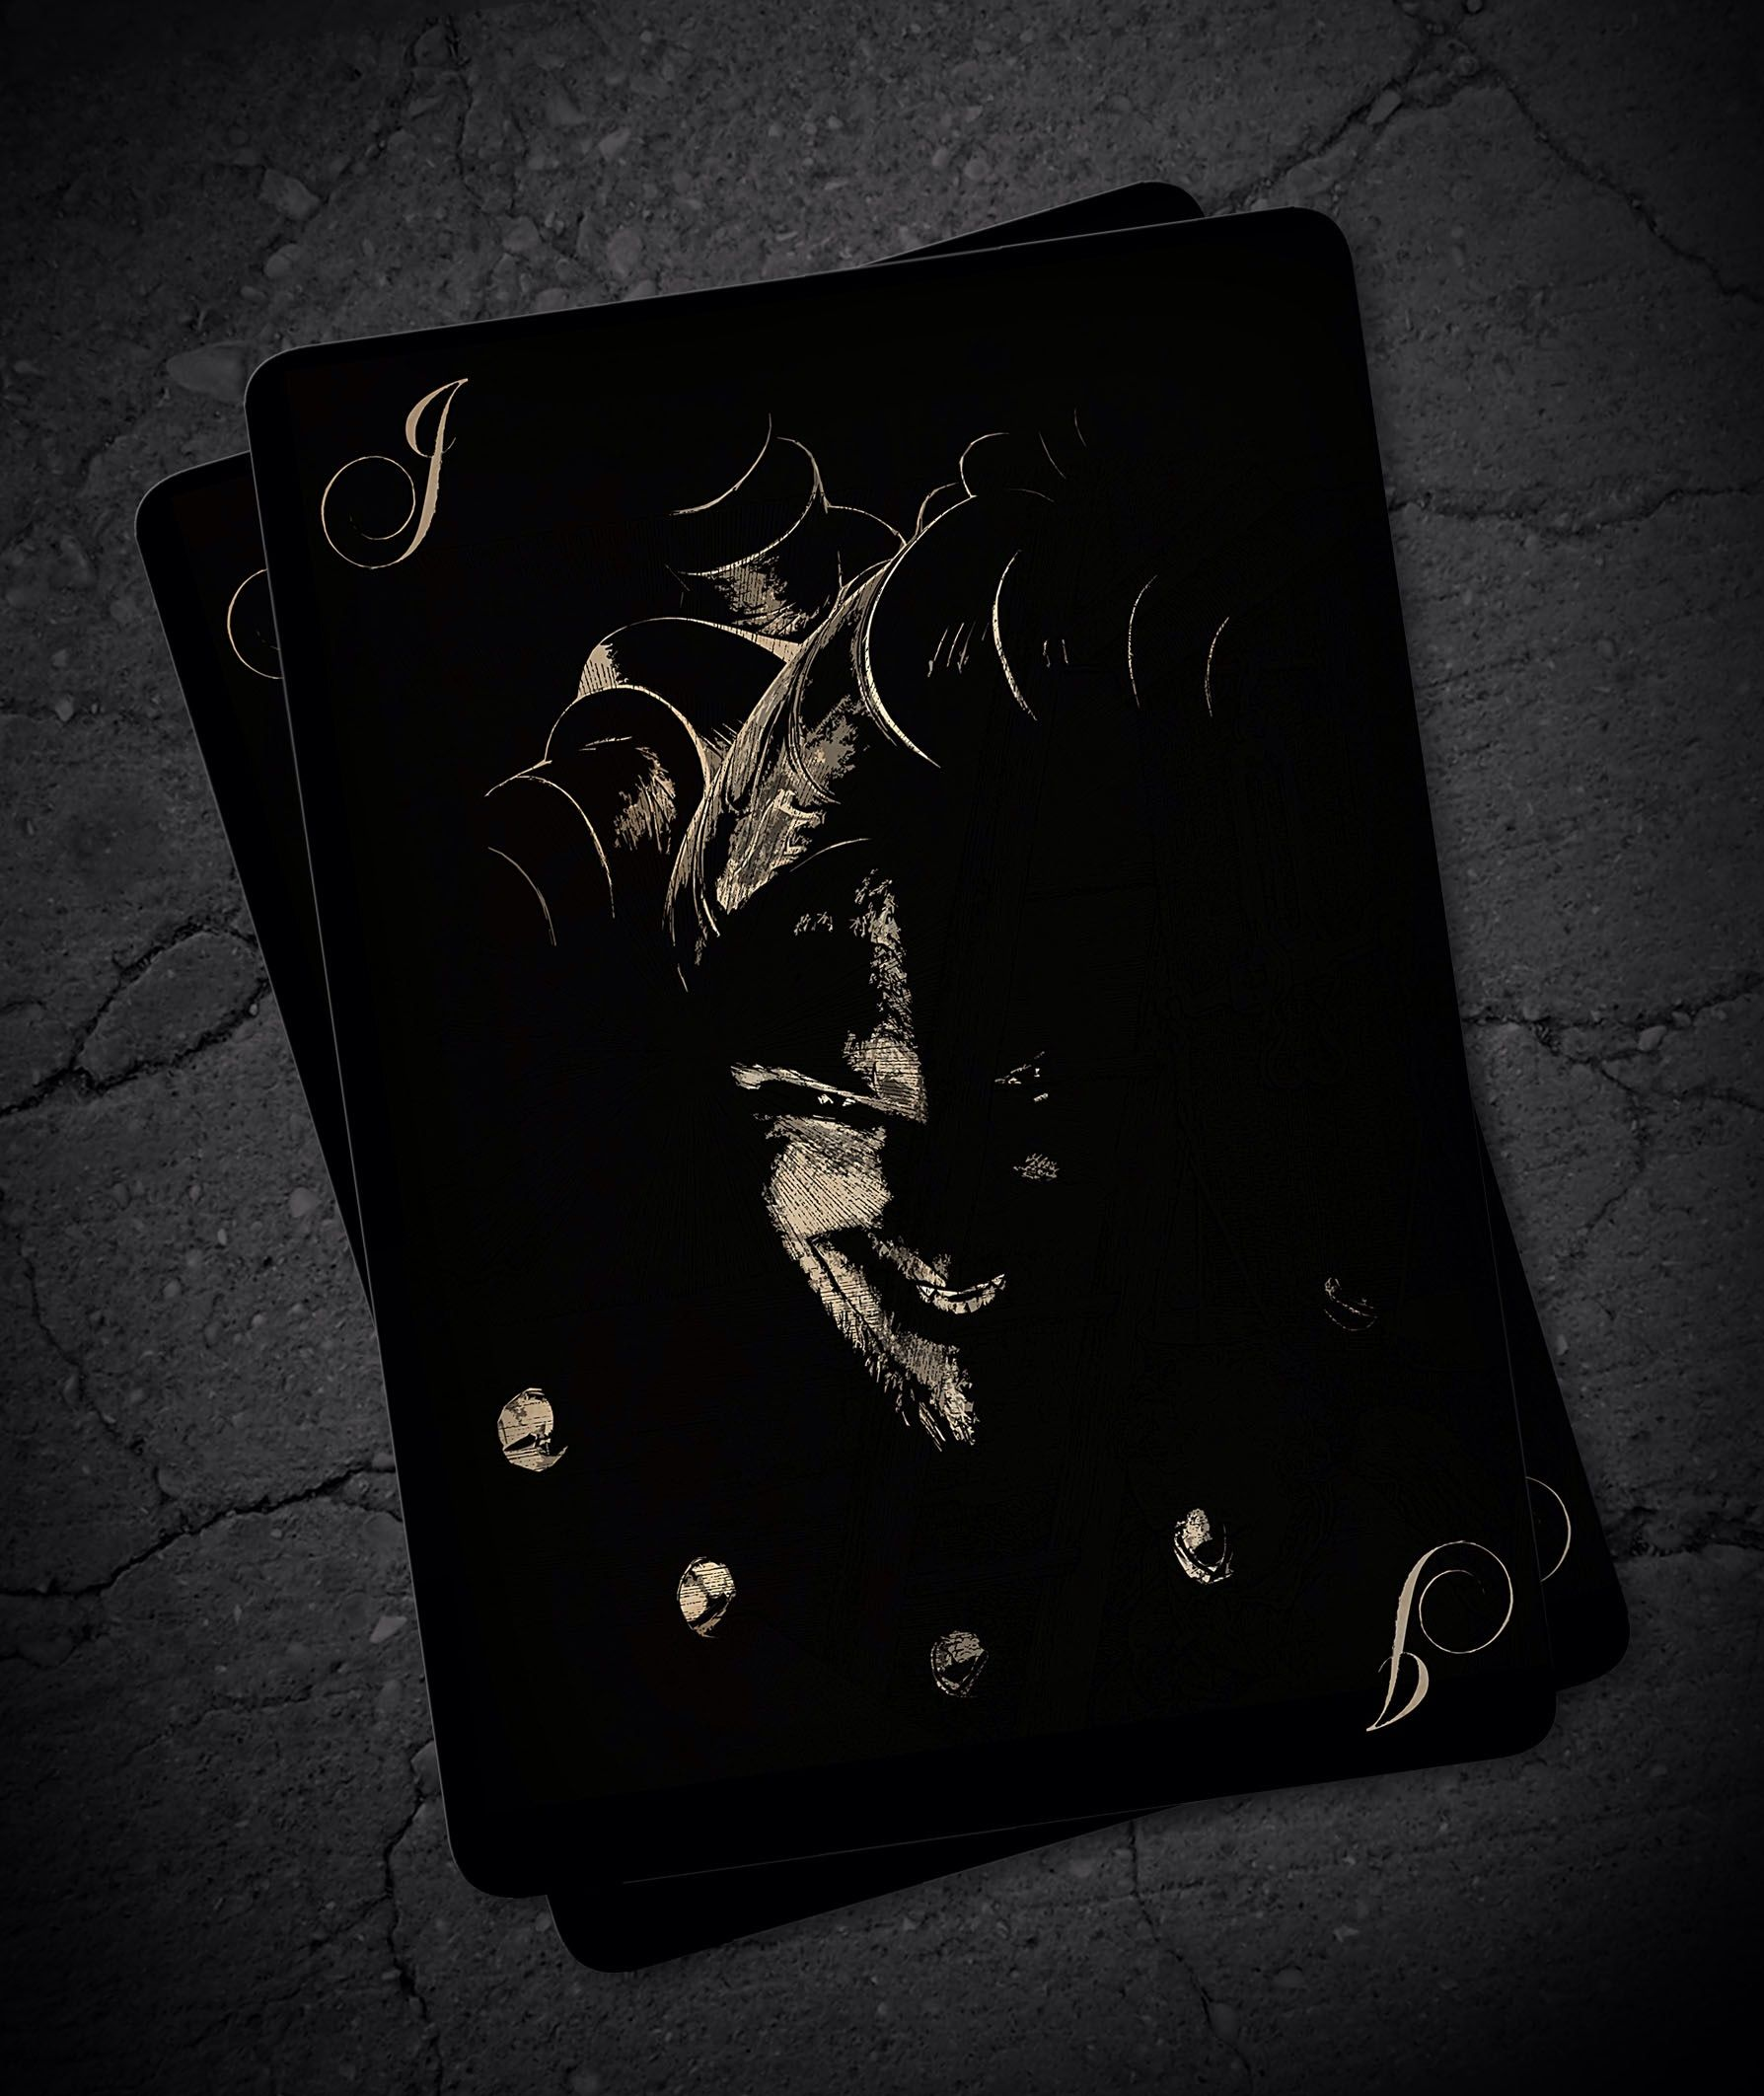 Joker Card Wallpapers Top Free Joker Card Backgrounds Wallpaperaccess